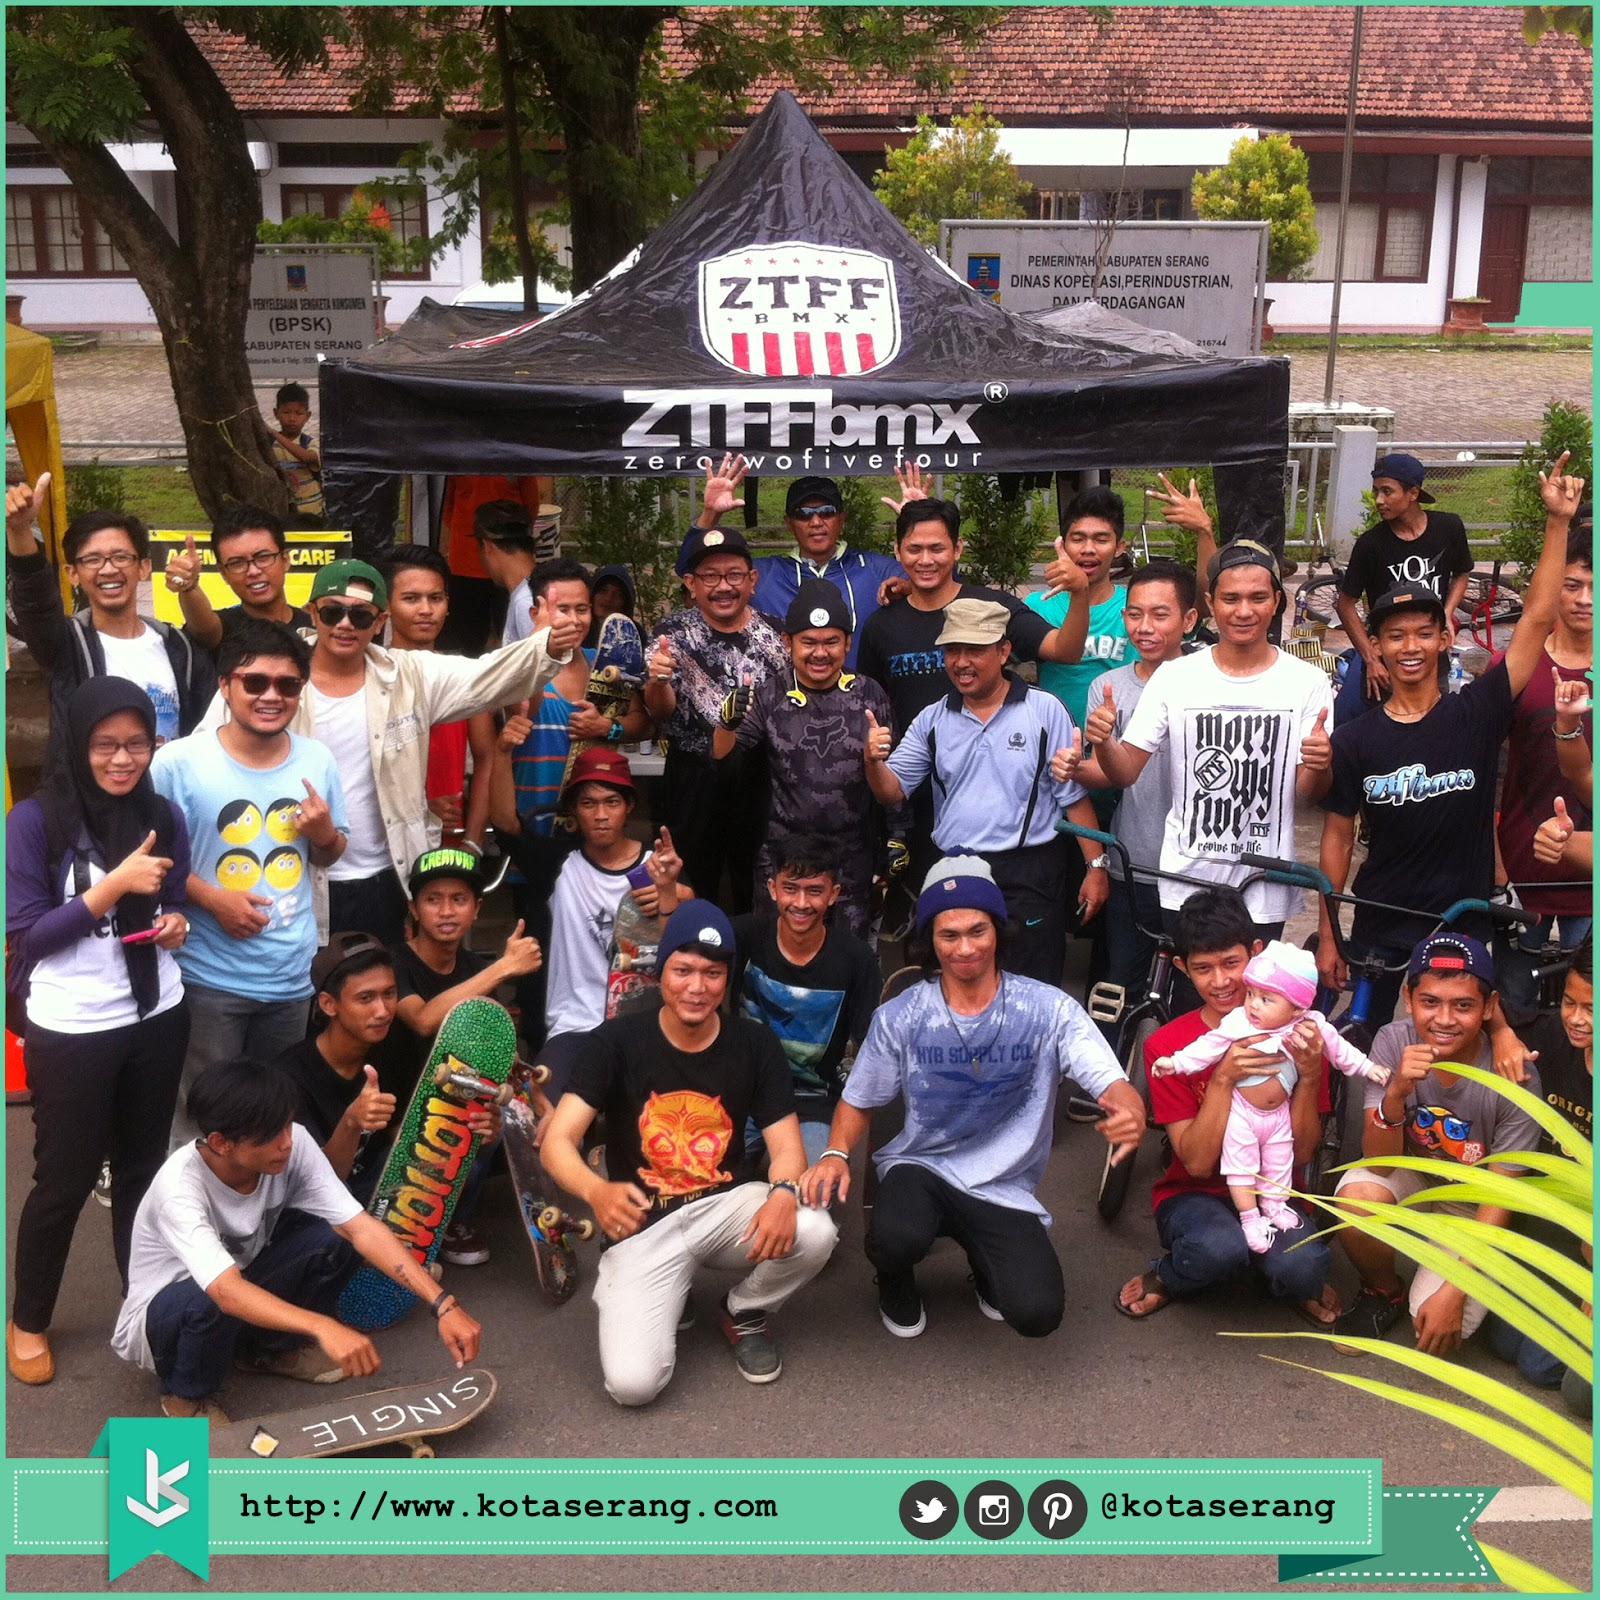 Walikota Serang Foto Bareng dengan Komunitas BMX, Komunitas Skateboard dan Komunitas Akustik 2